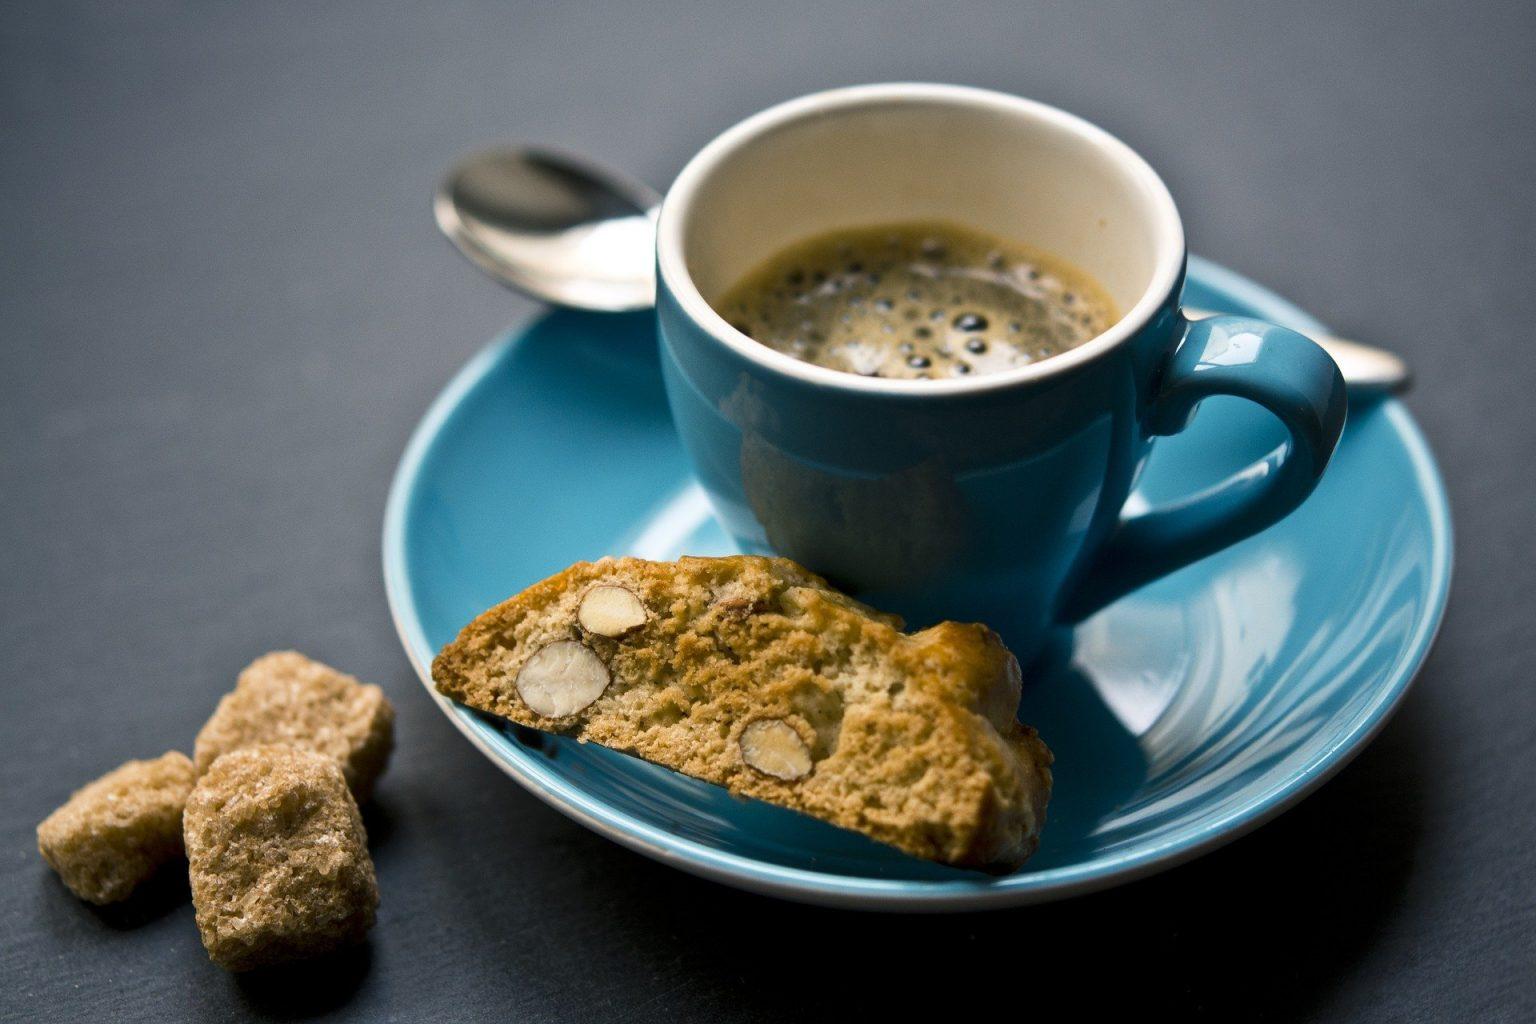 Kaffee, CC0 on Pixabay